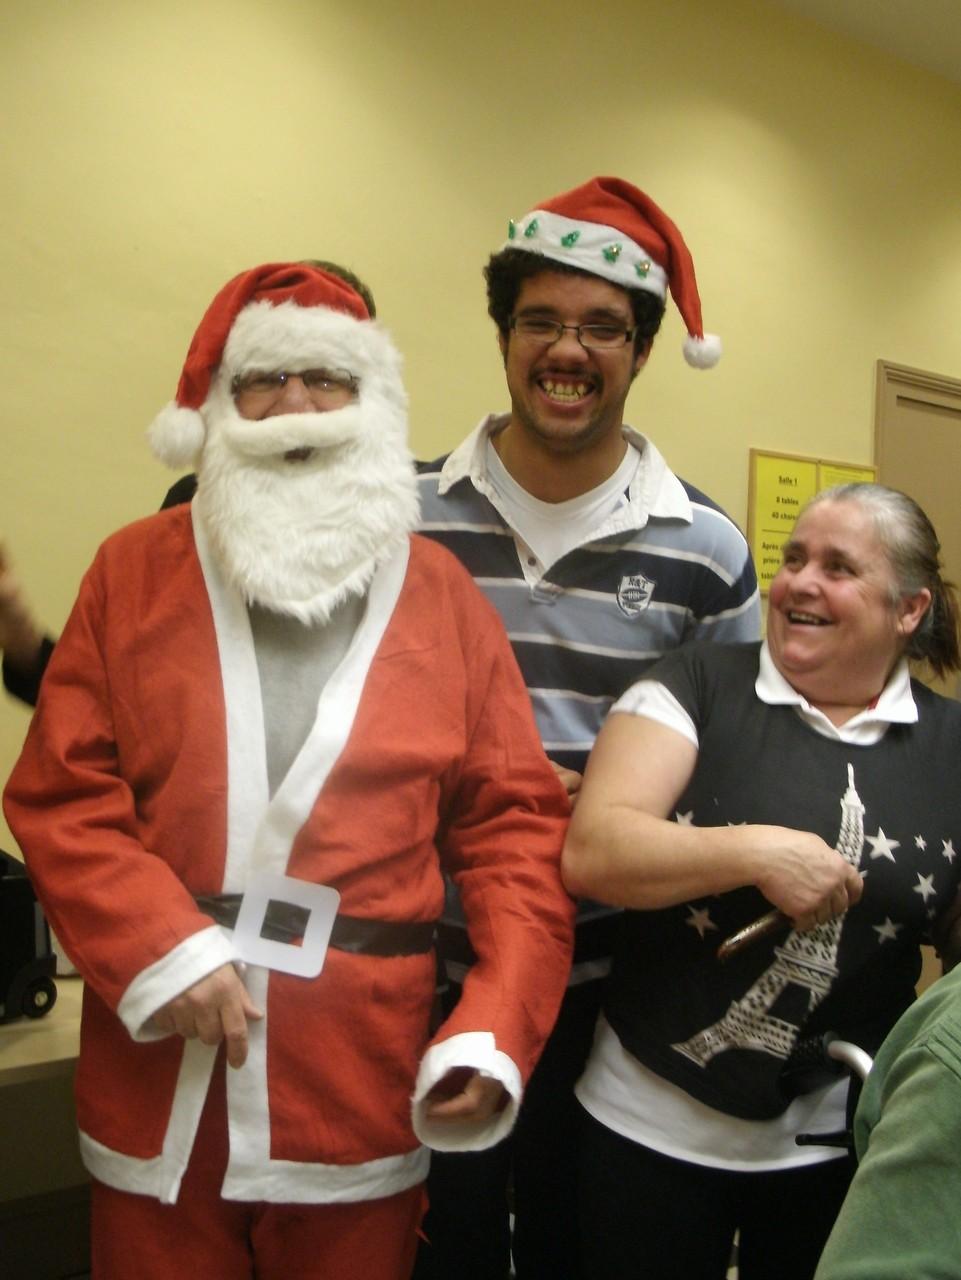 Le 18 Décembre 2015,arrivée surprise du Pére Noel.